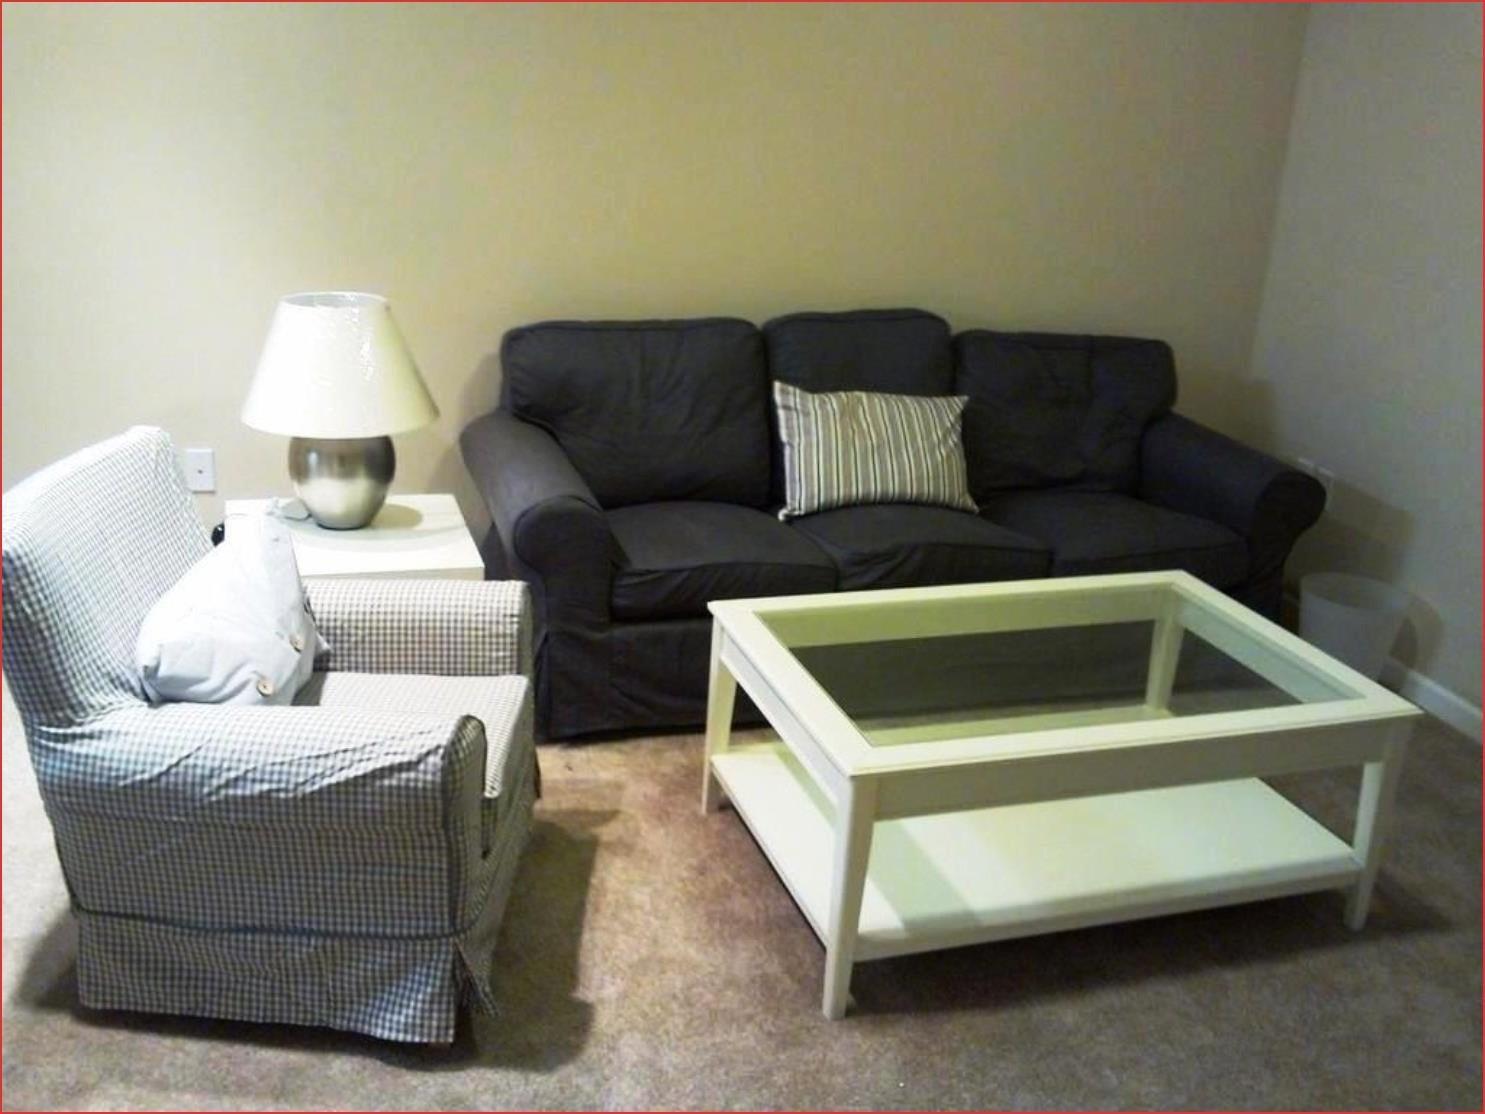 Sofa Sleepers San Diego Fresh Sleeper Sofa San Diego – Hkspa In San Diego Sleeper Sofas (View 13 of 20)